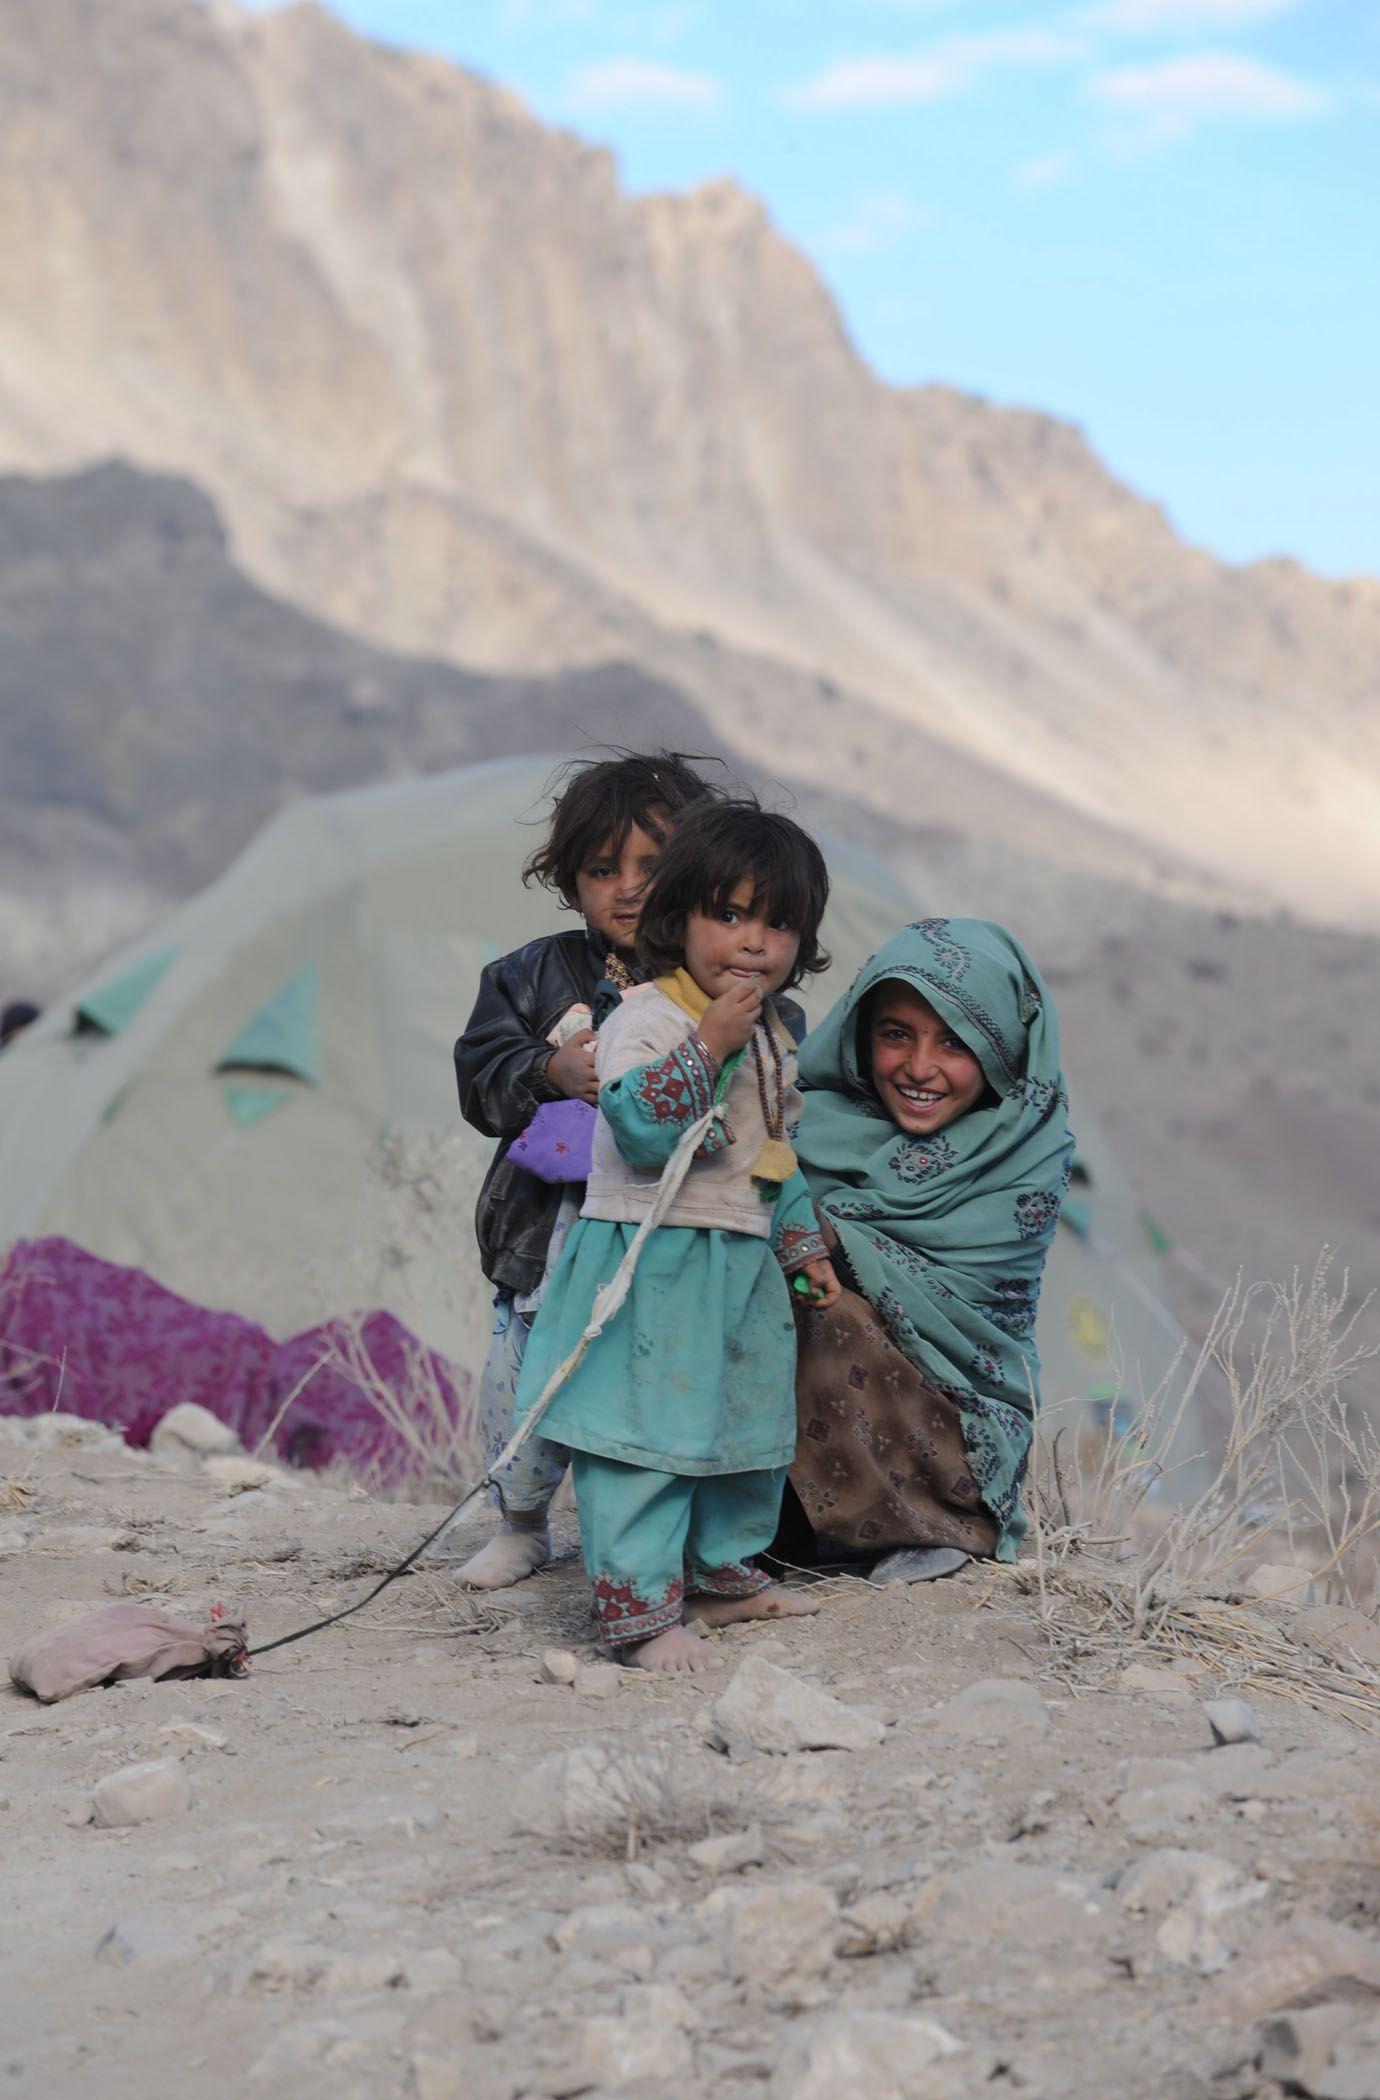 #Pakistan #Pakistanichildren #childrenoftheworld #disasterrelief #shelter #warmth #dignity